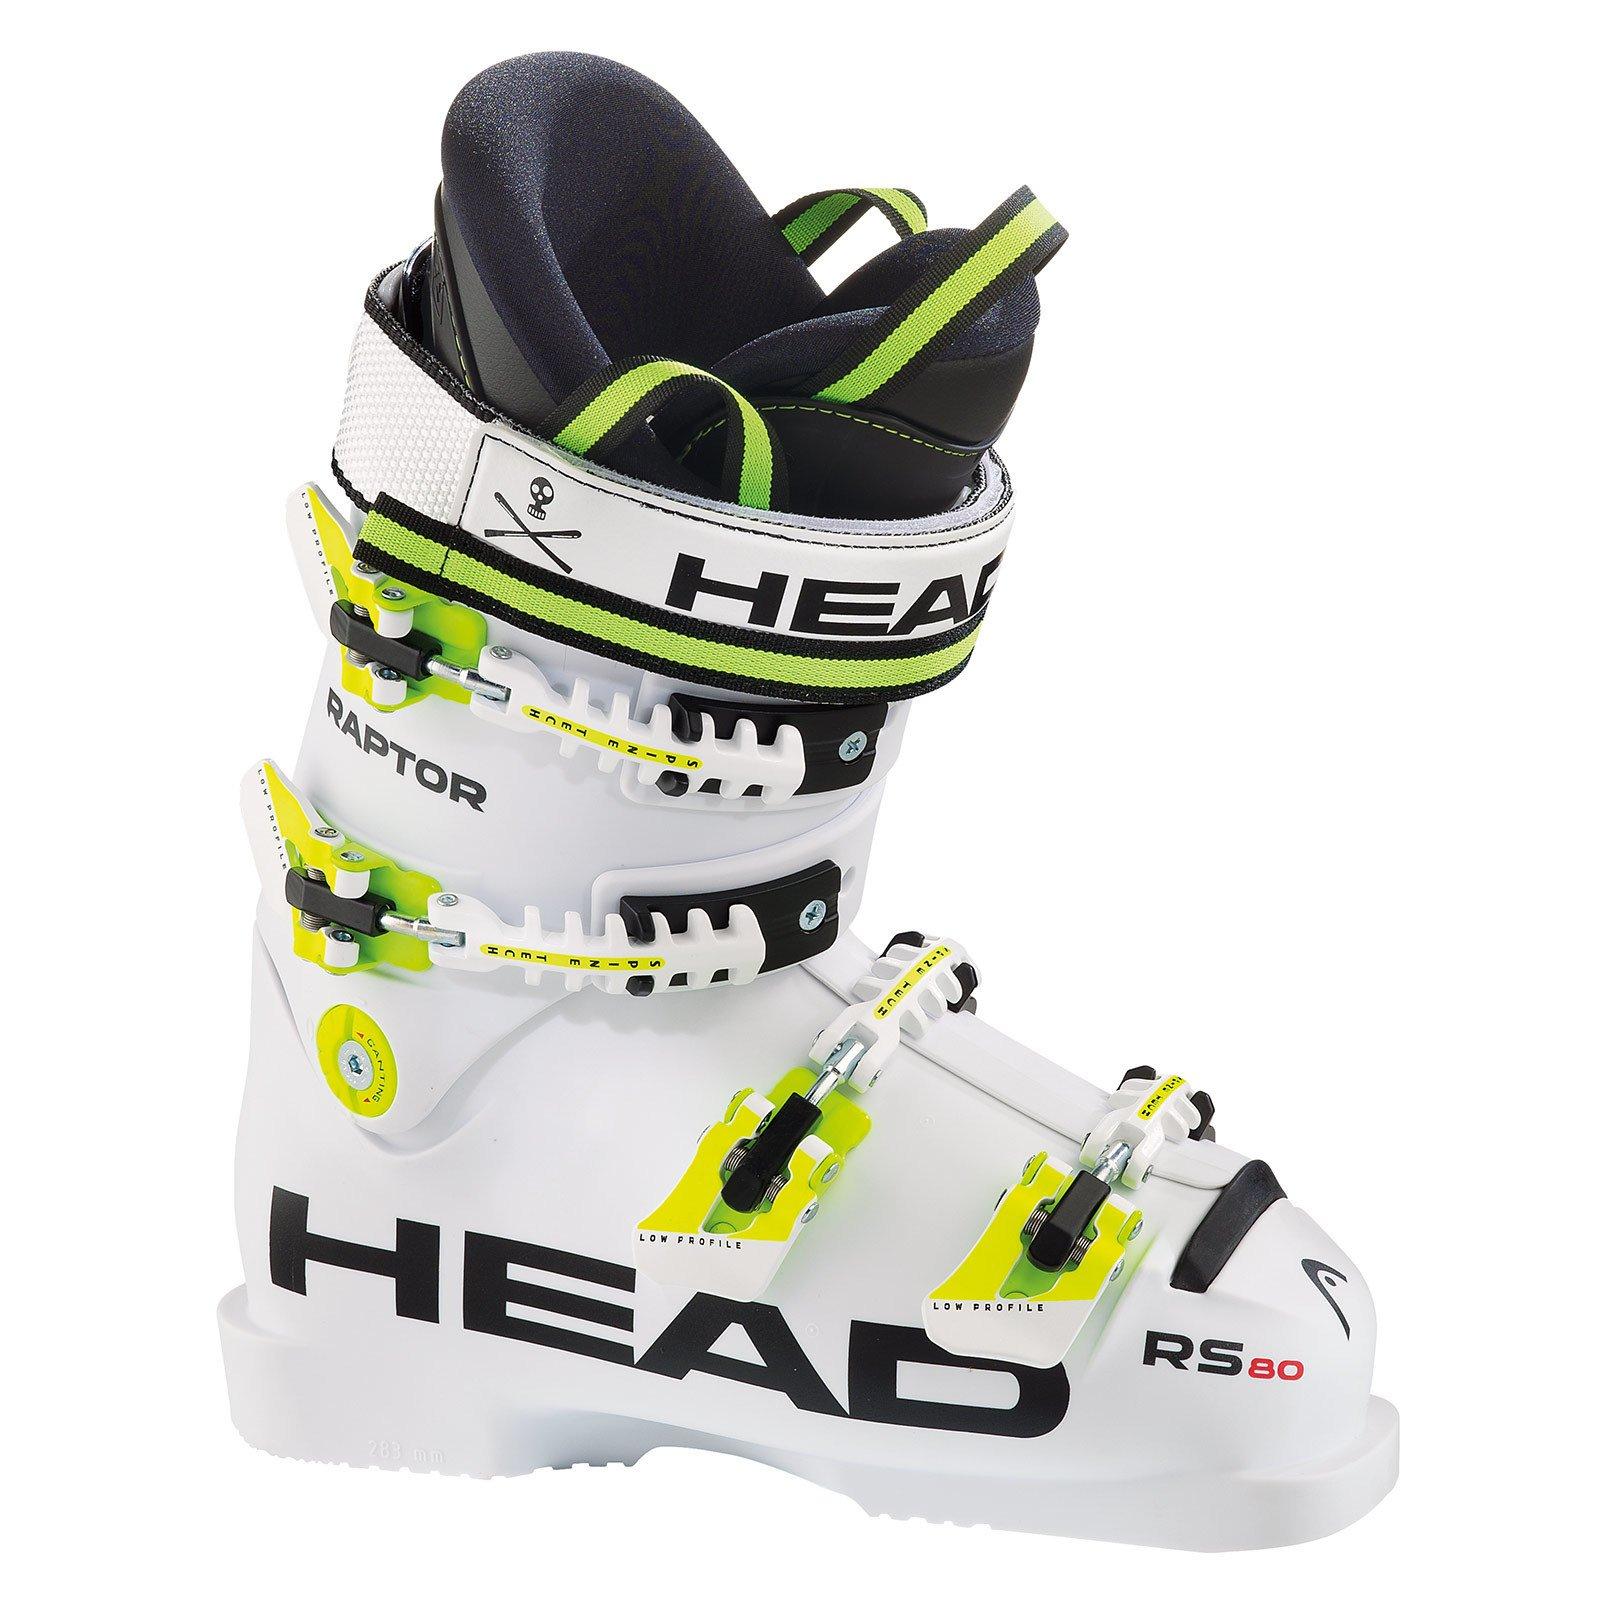 Botas de esquí Head Raptor 140 Rs Bf09v3M